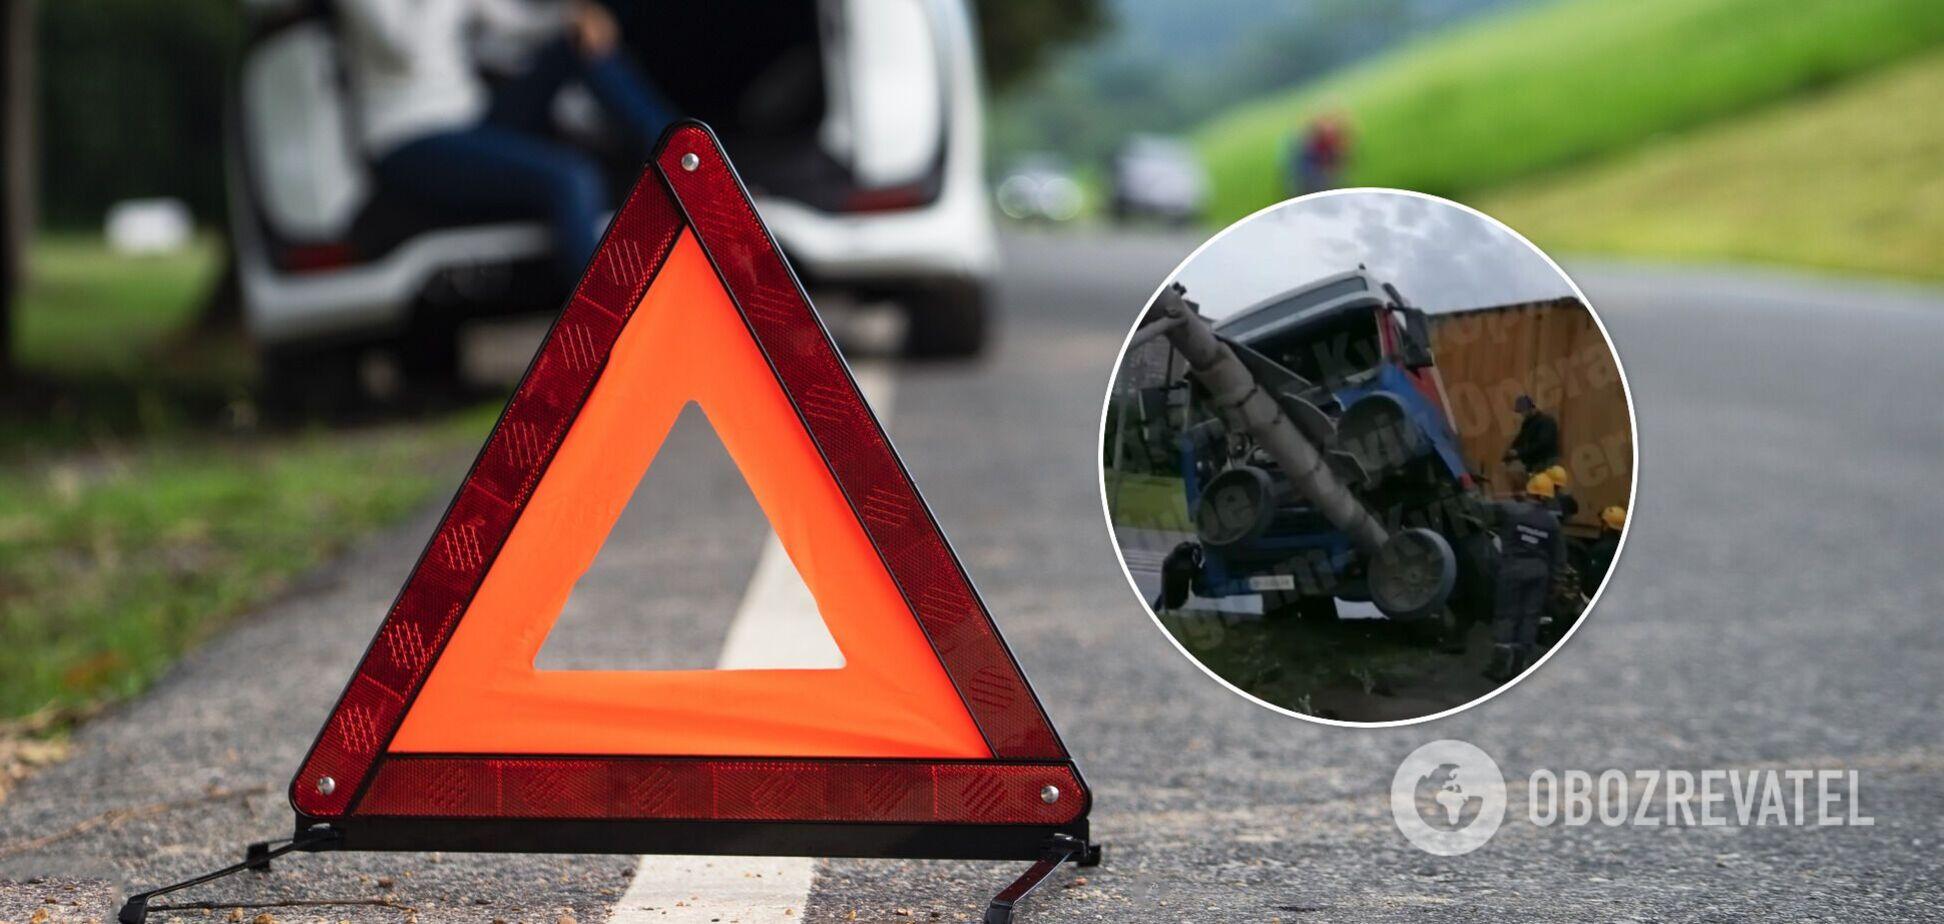 Инцидент произошел на проспекте Академика Глушкова